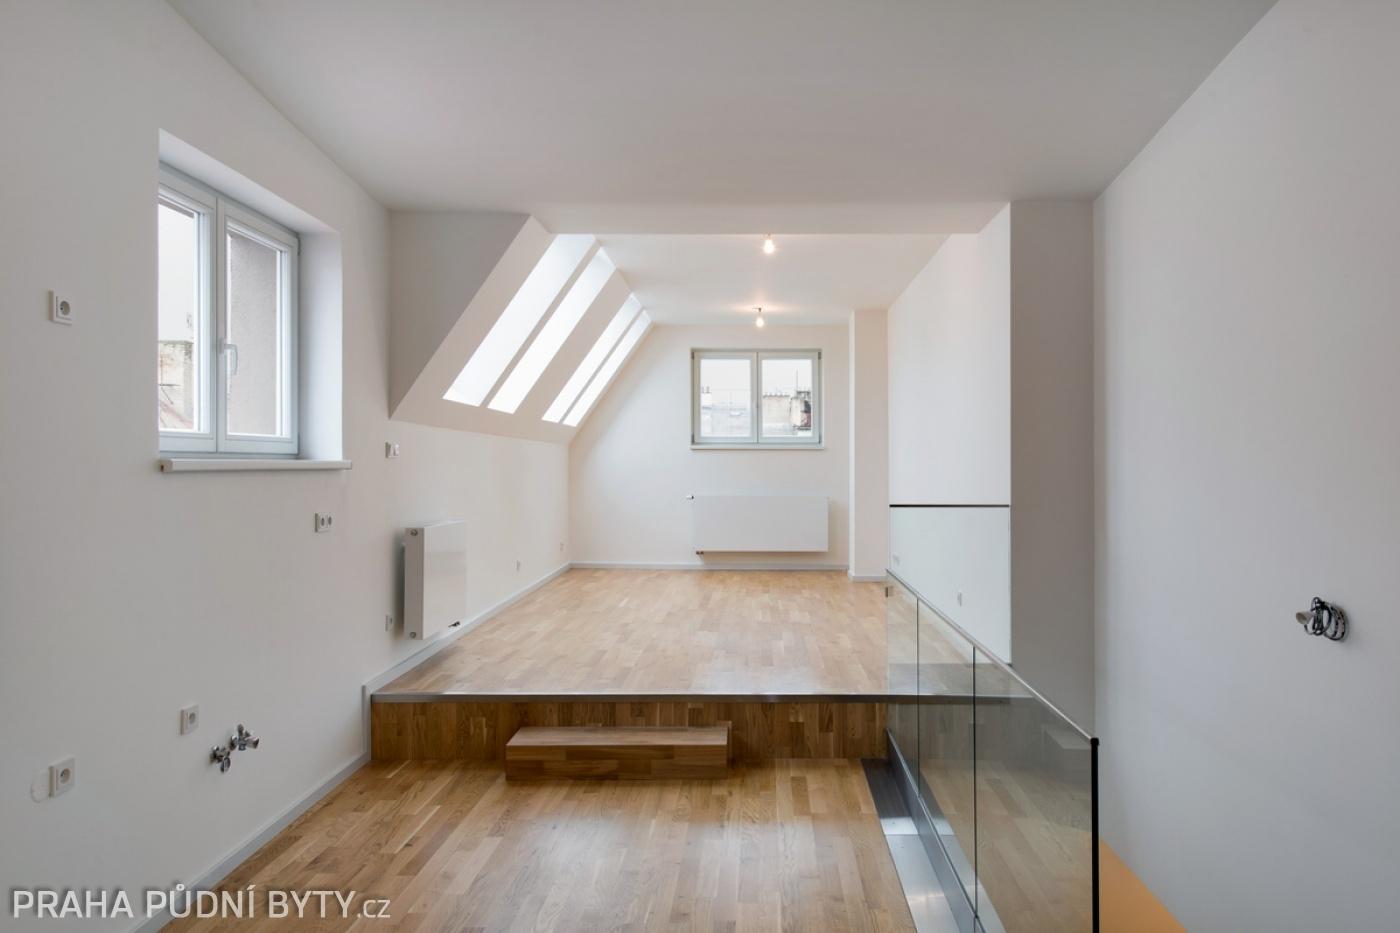 Půdní byt 3+kk, plocha 85 m², ulice Národní Obrany, Praha 6 - Dejvice | 3